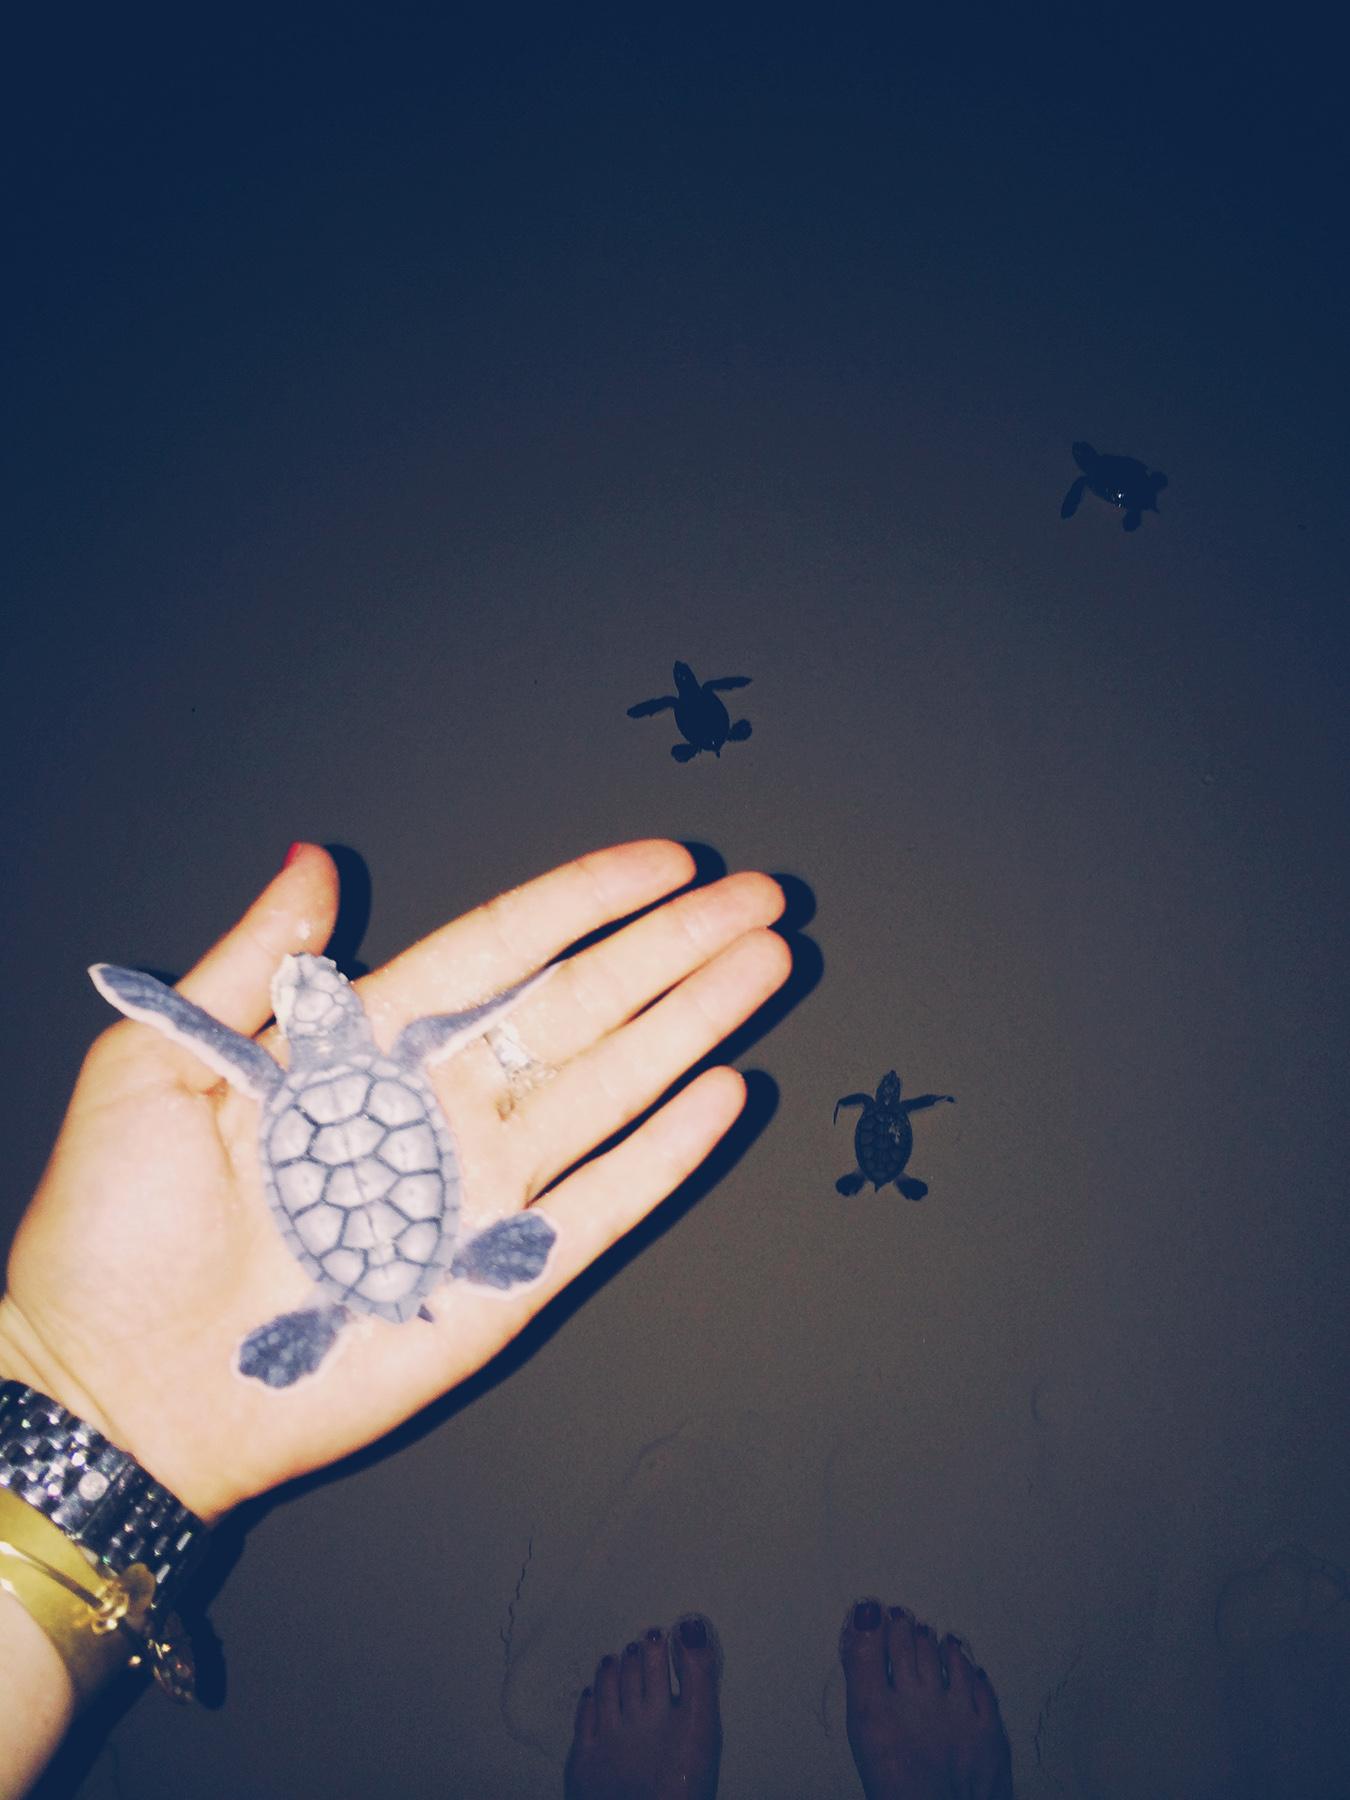 turtlehatching_whereisper.jpg